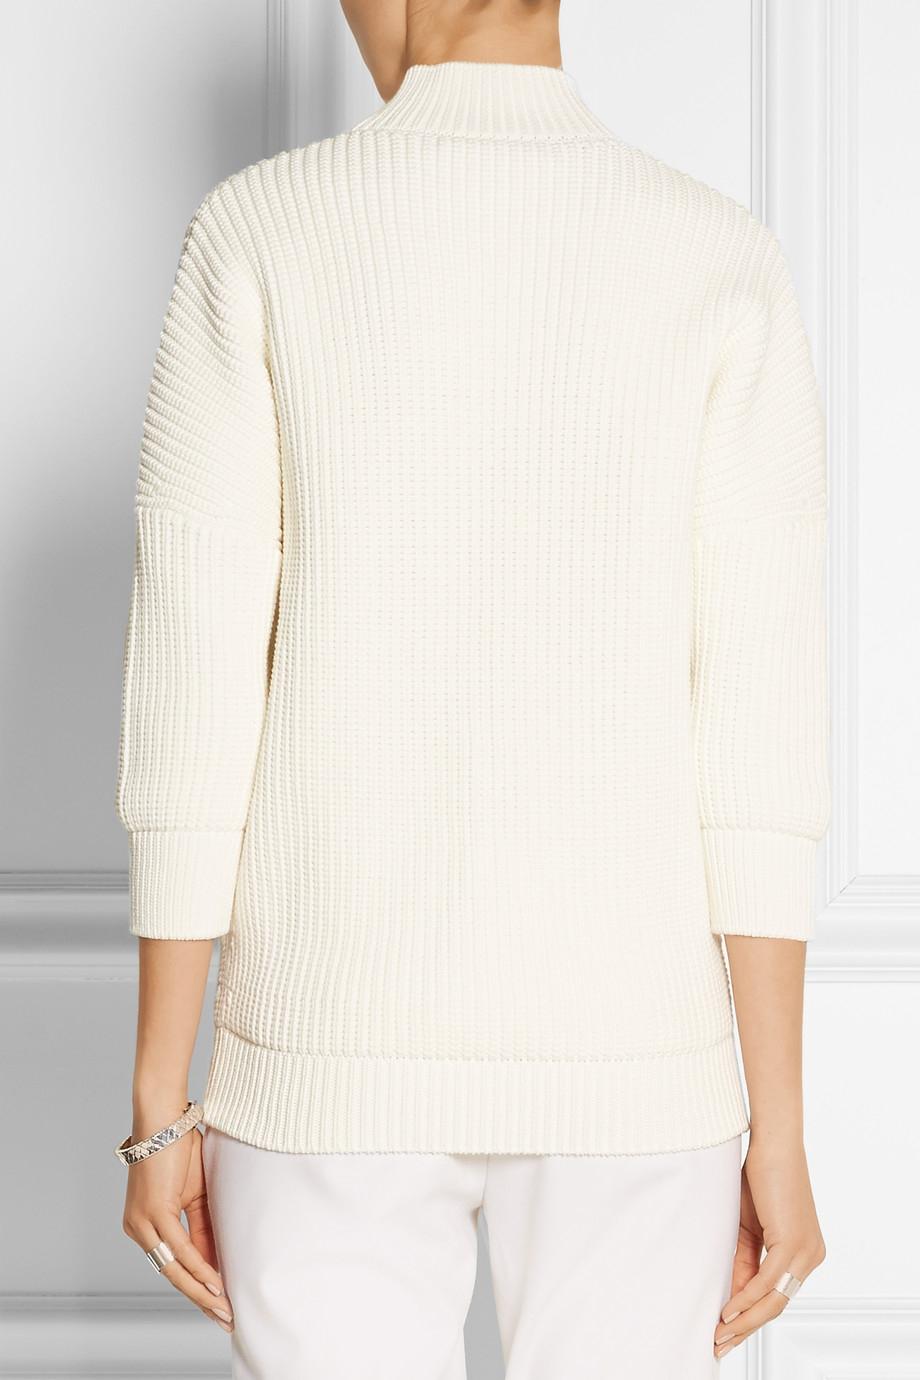 Victoria beckham Cotton-Blend Turtleneck Sweater in White | Lyst